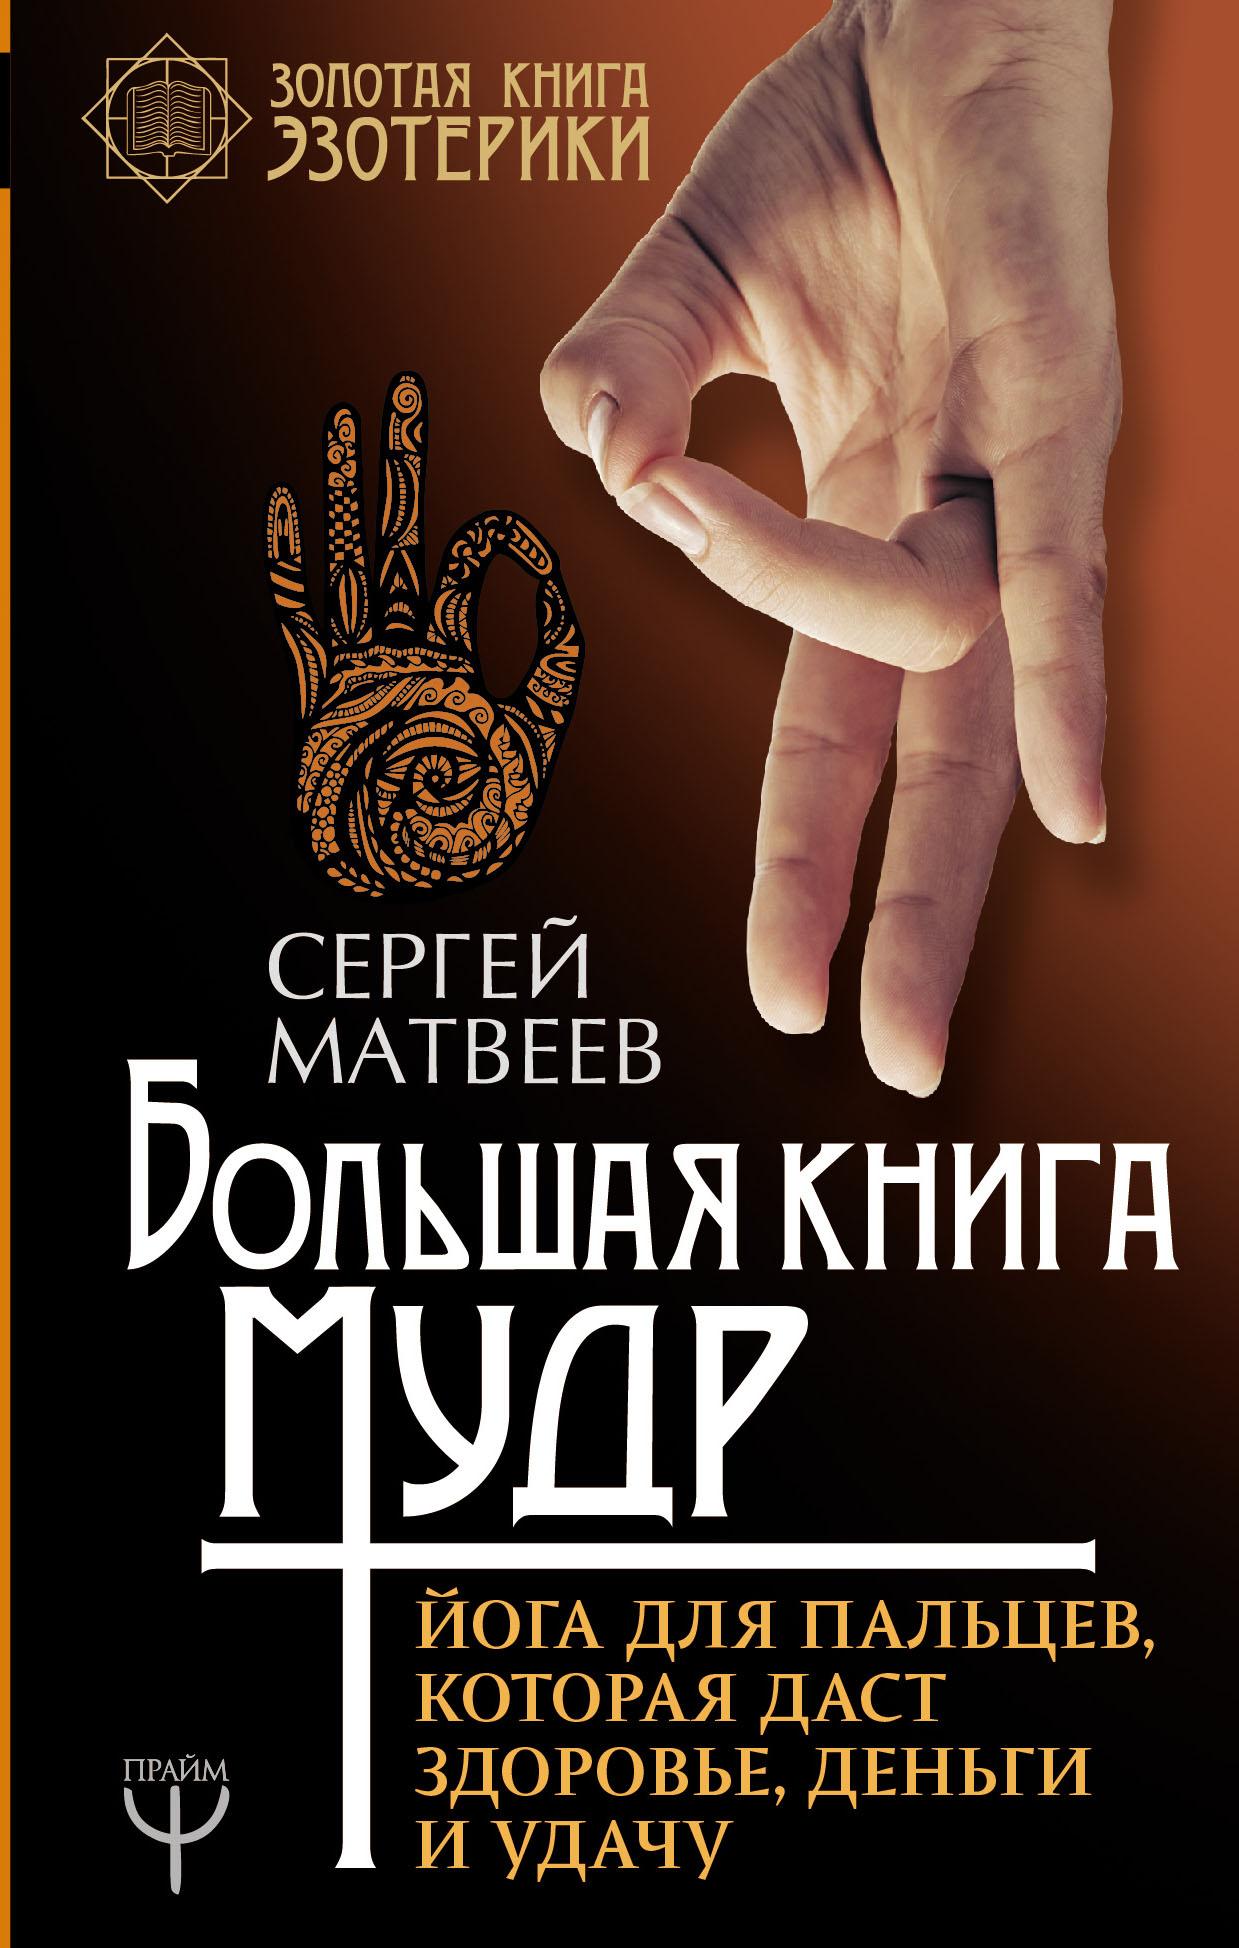 Сергей Матвеев Большая книга мудр. Йога для пальцев, которая даст здоровье, деньги и удачу